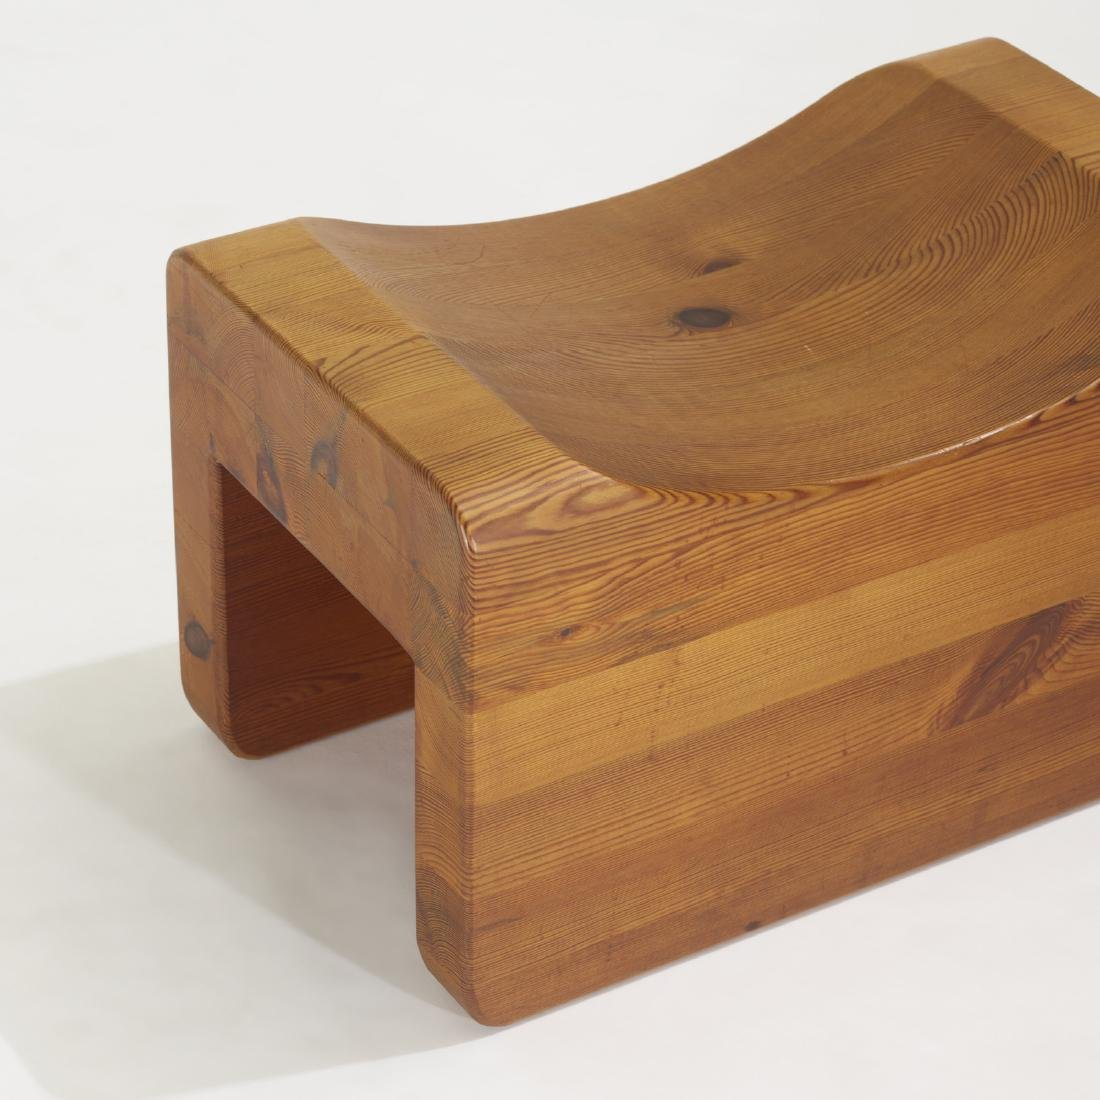 Axel Einar Hjorth, Uto stool - 2